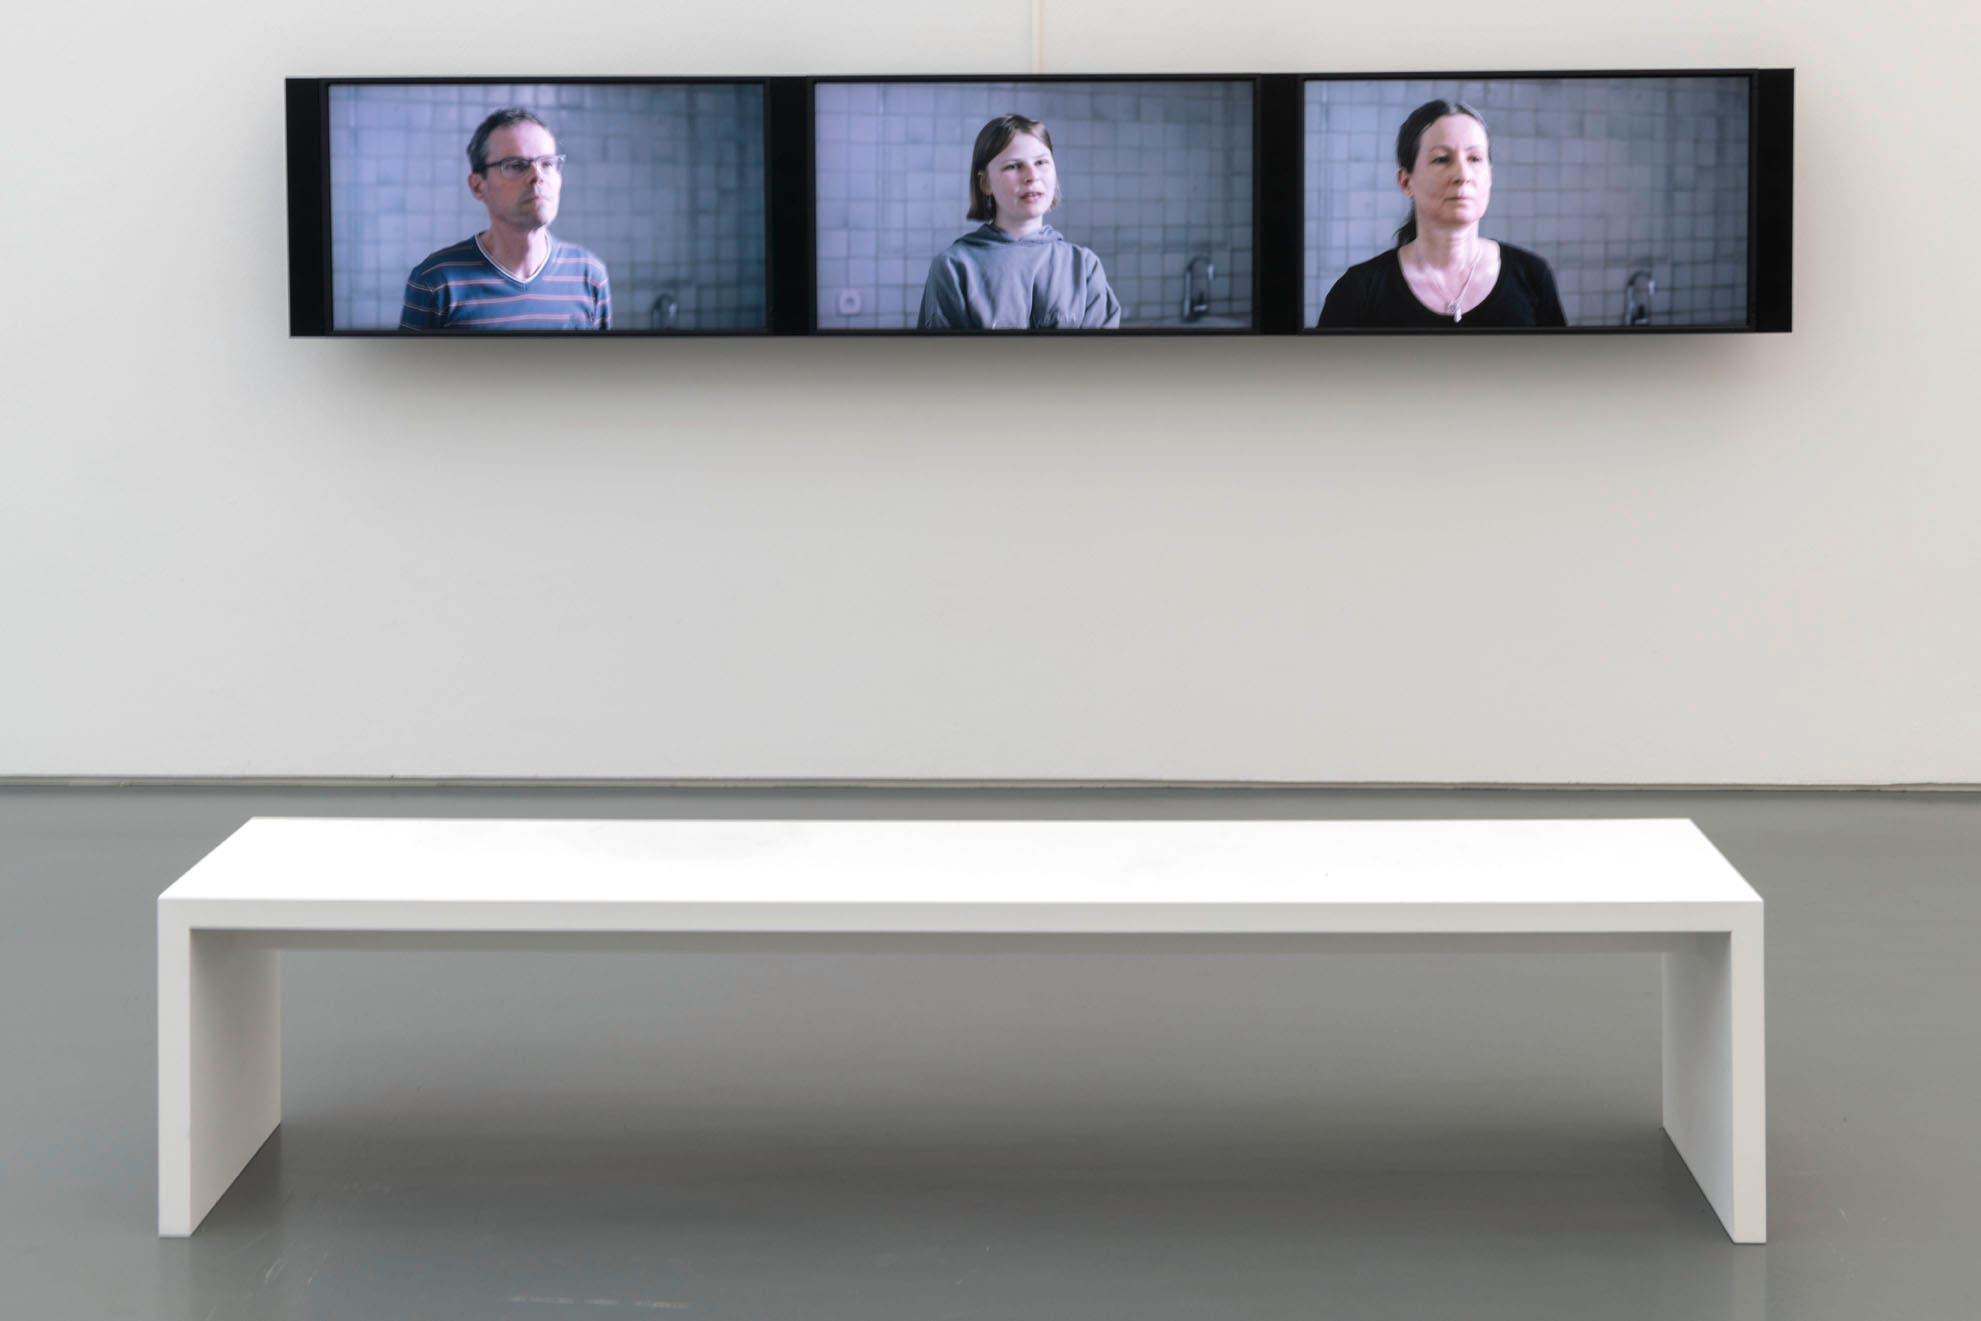 Niederberger, Sadhyo (*1962). «Was wir sehen blickt uns an» Videodokumentation einer Bildbetrachtung, 2020. In Zusammenarbeit mit Hannes Stark und Daniel Reichenbach. Video, Full HD, Farbe/Ton, 41'12''.